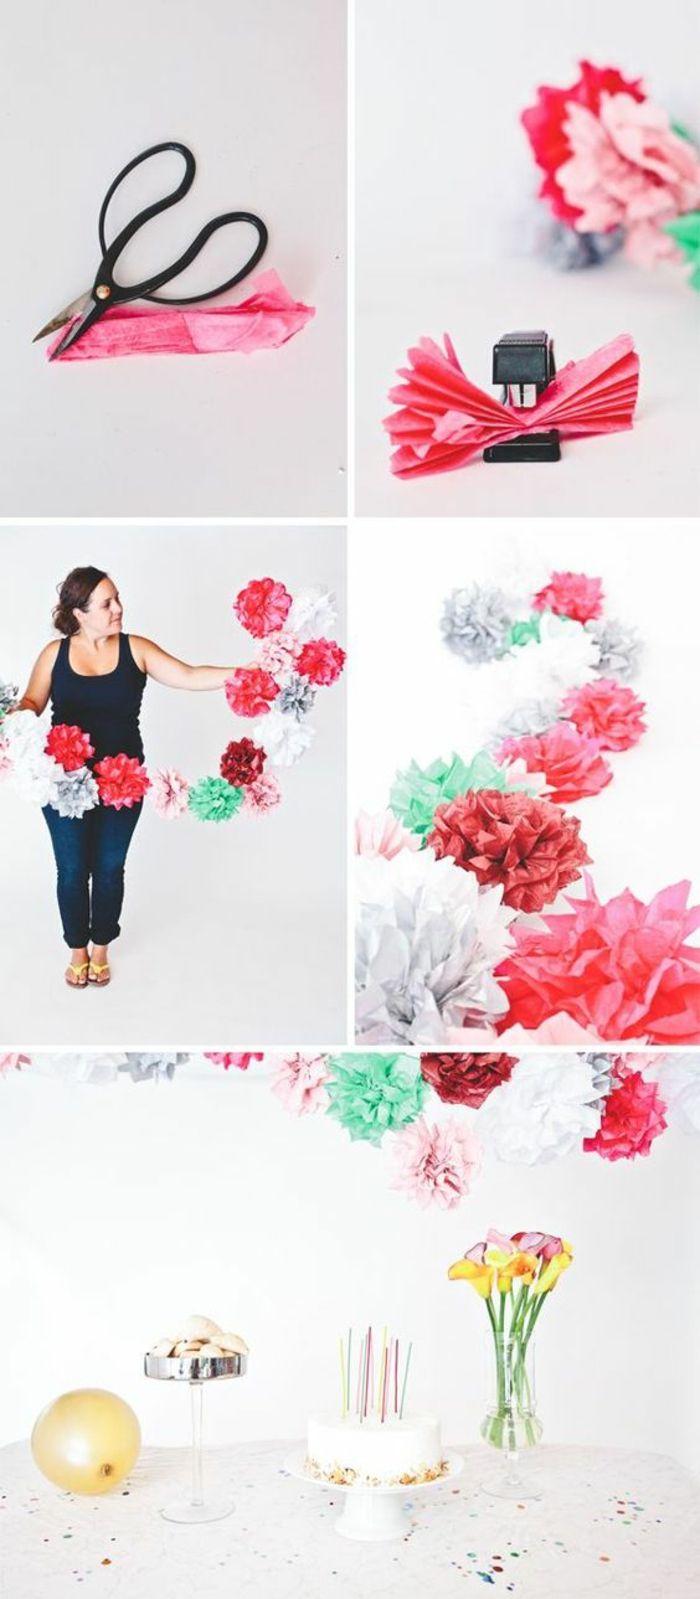 die besten 25 krepppapier ideen auf pinterest krepp papier handwerk papierblumenkugel und. Black Bedroom Furniture Sets. Home Design Ideas